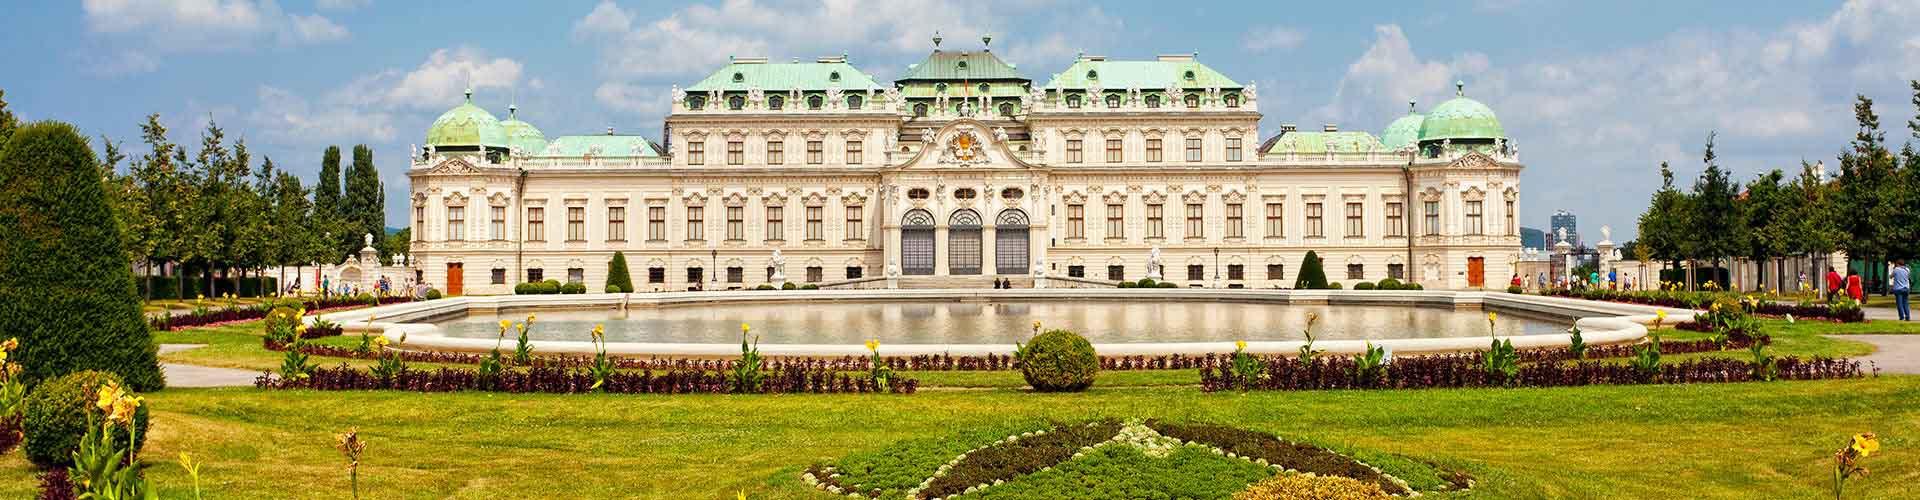 维也纳 – Favoriten区的青年旅馆。维也纳 地图,维也纳 每间青年旅馆的照片和评分。